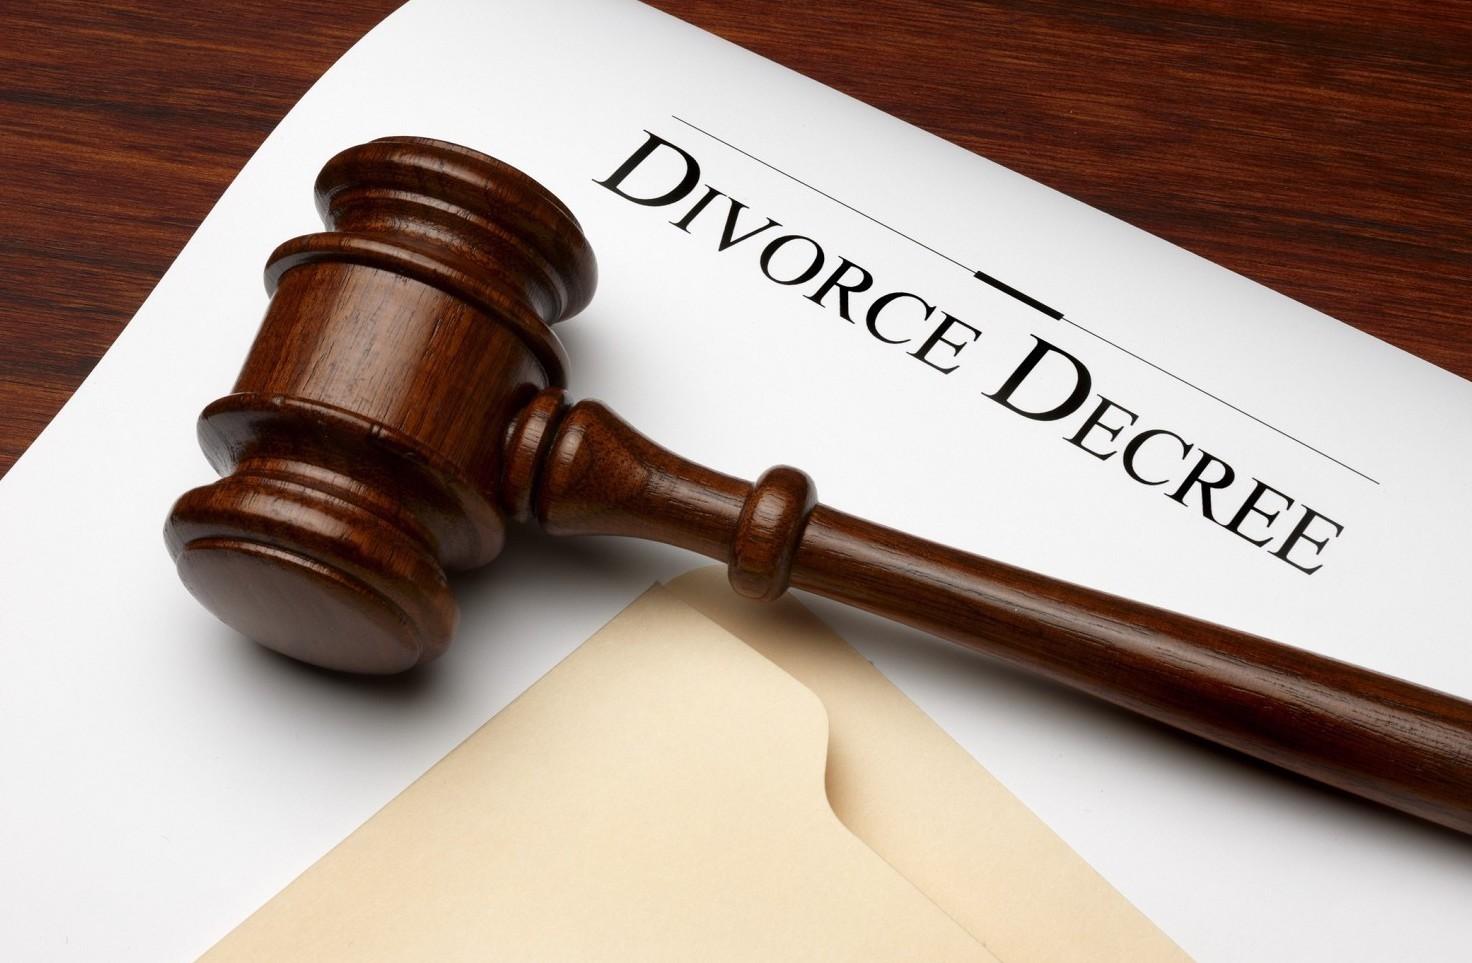 Divorzio, le prove valide contro marito o moglie in processo separazione